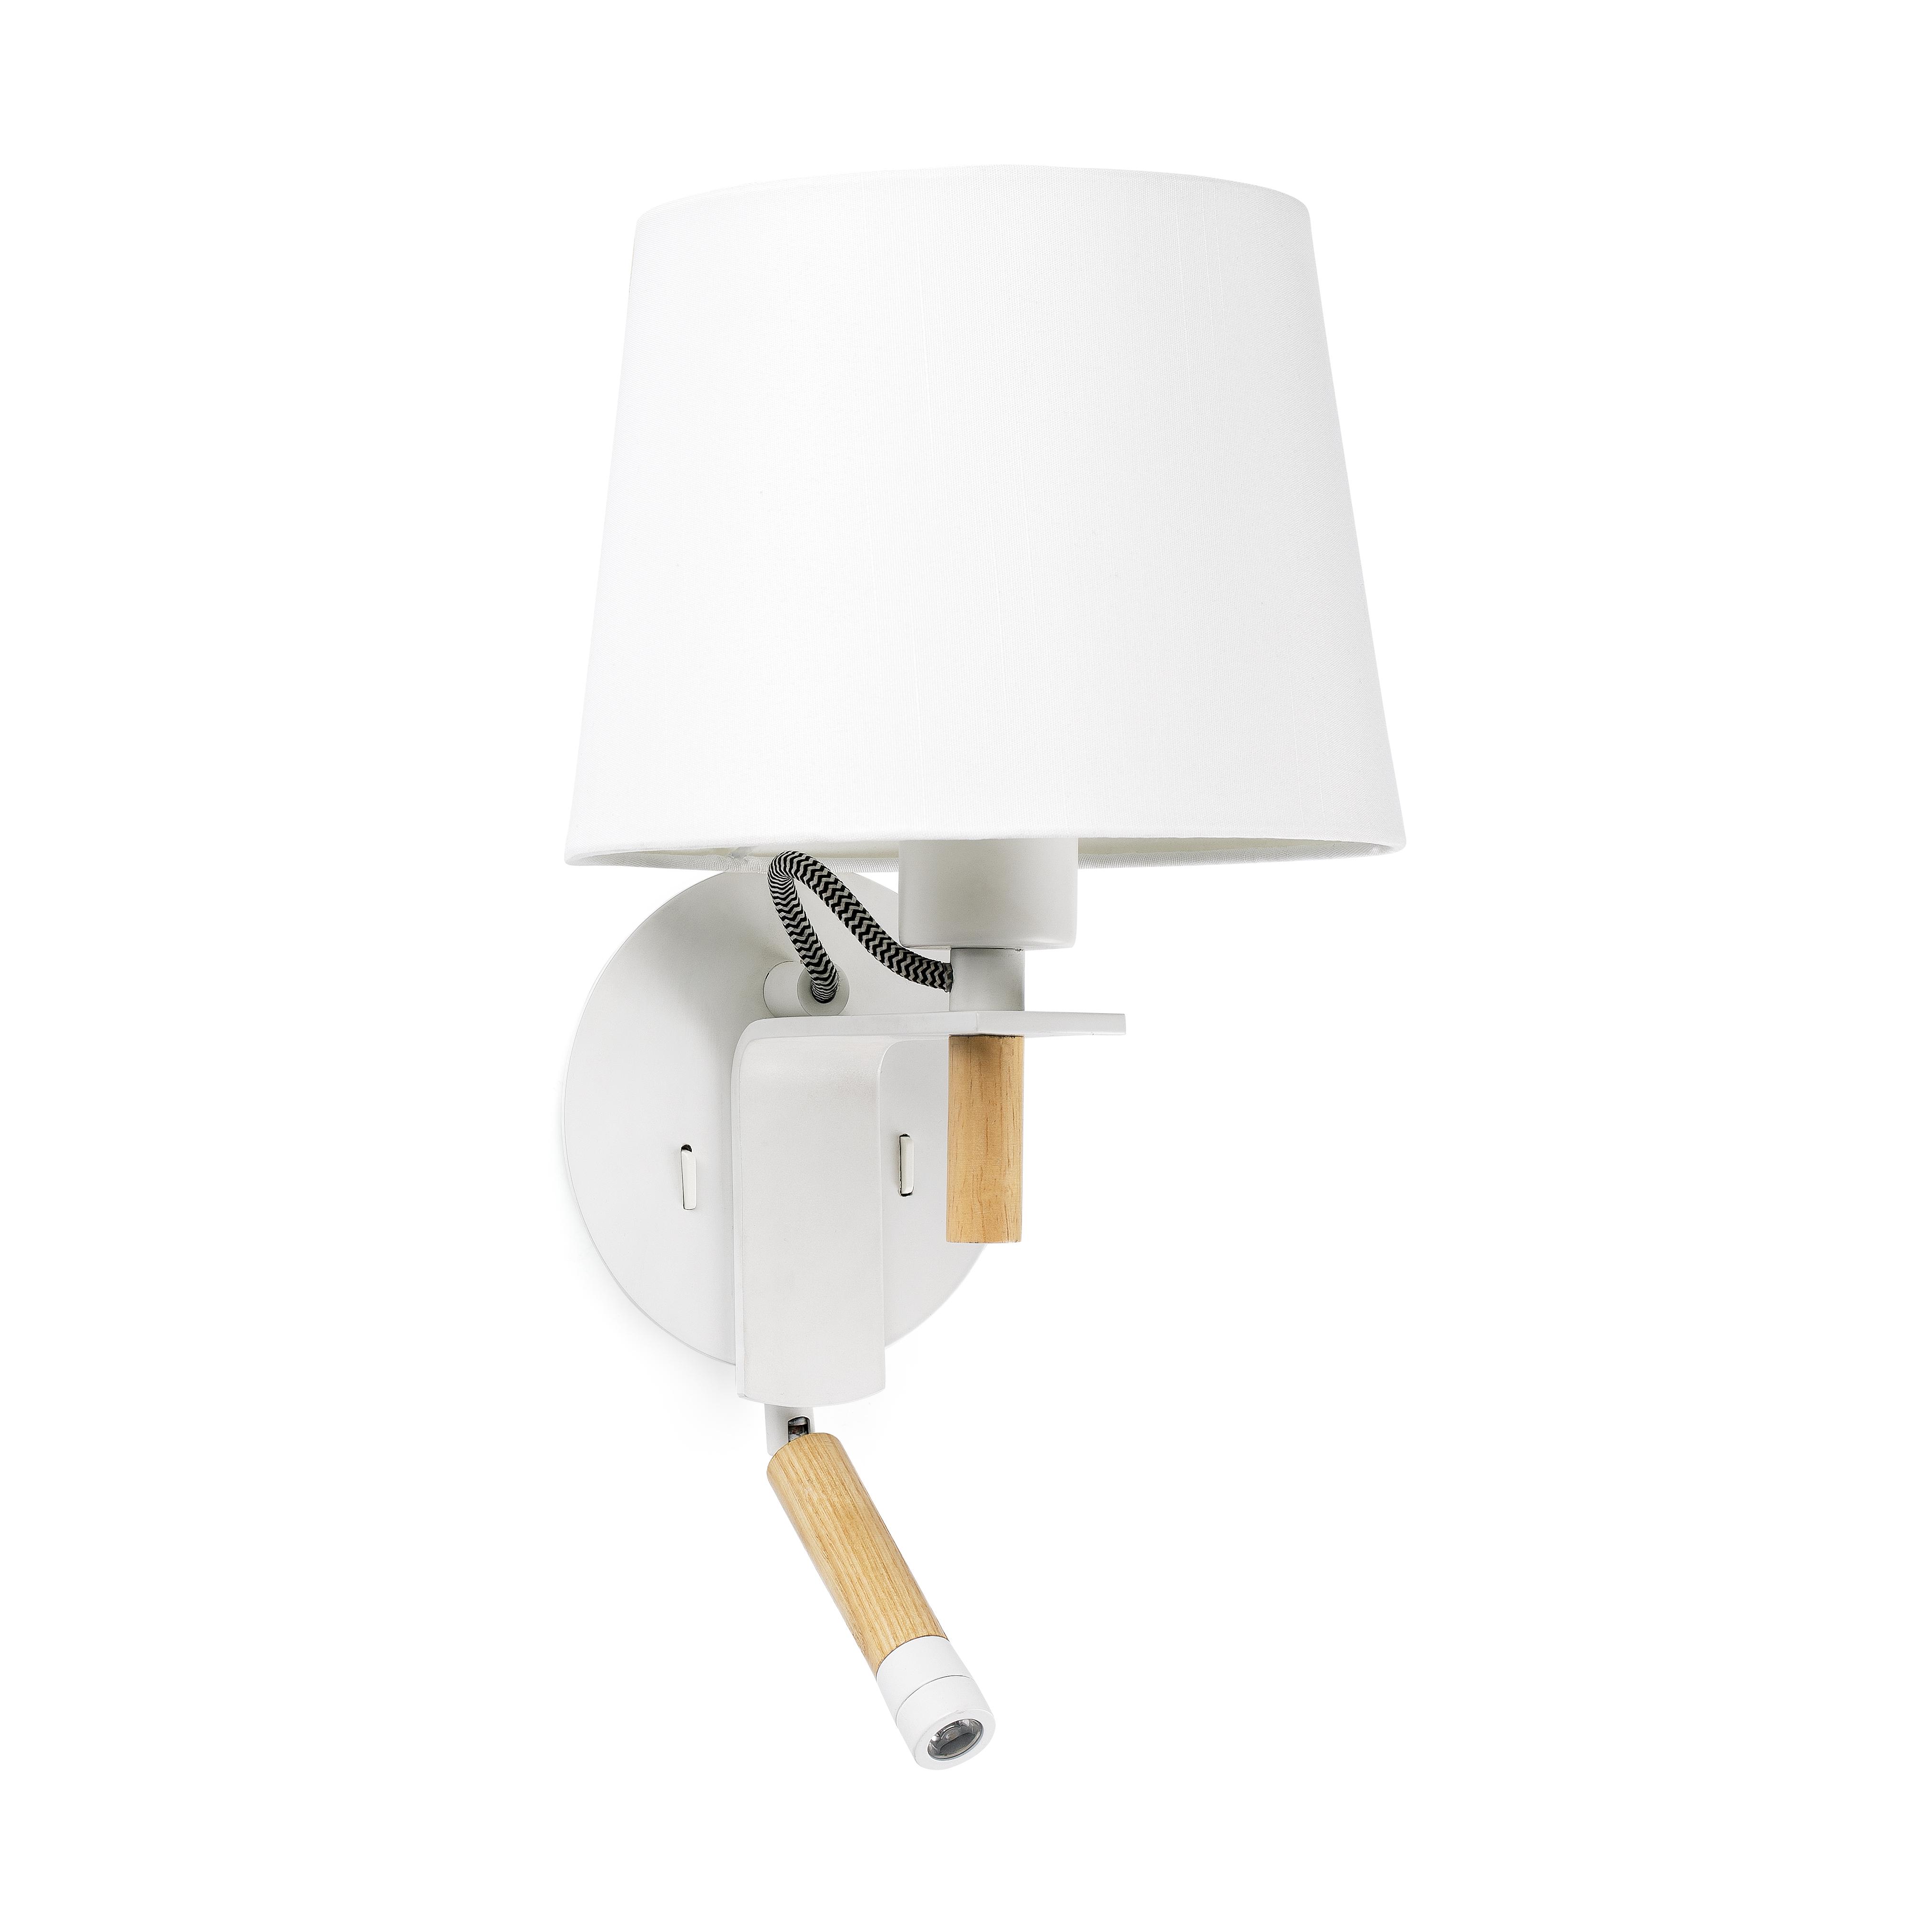 applique murale fusta blanc h40cm faro luminaires nedgis. Black Bedroom Furniture Sets. Home Design Ideas